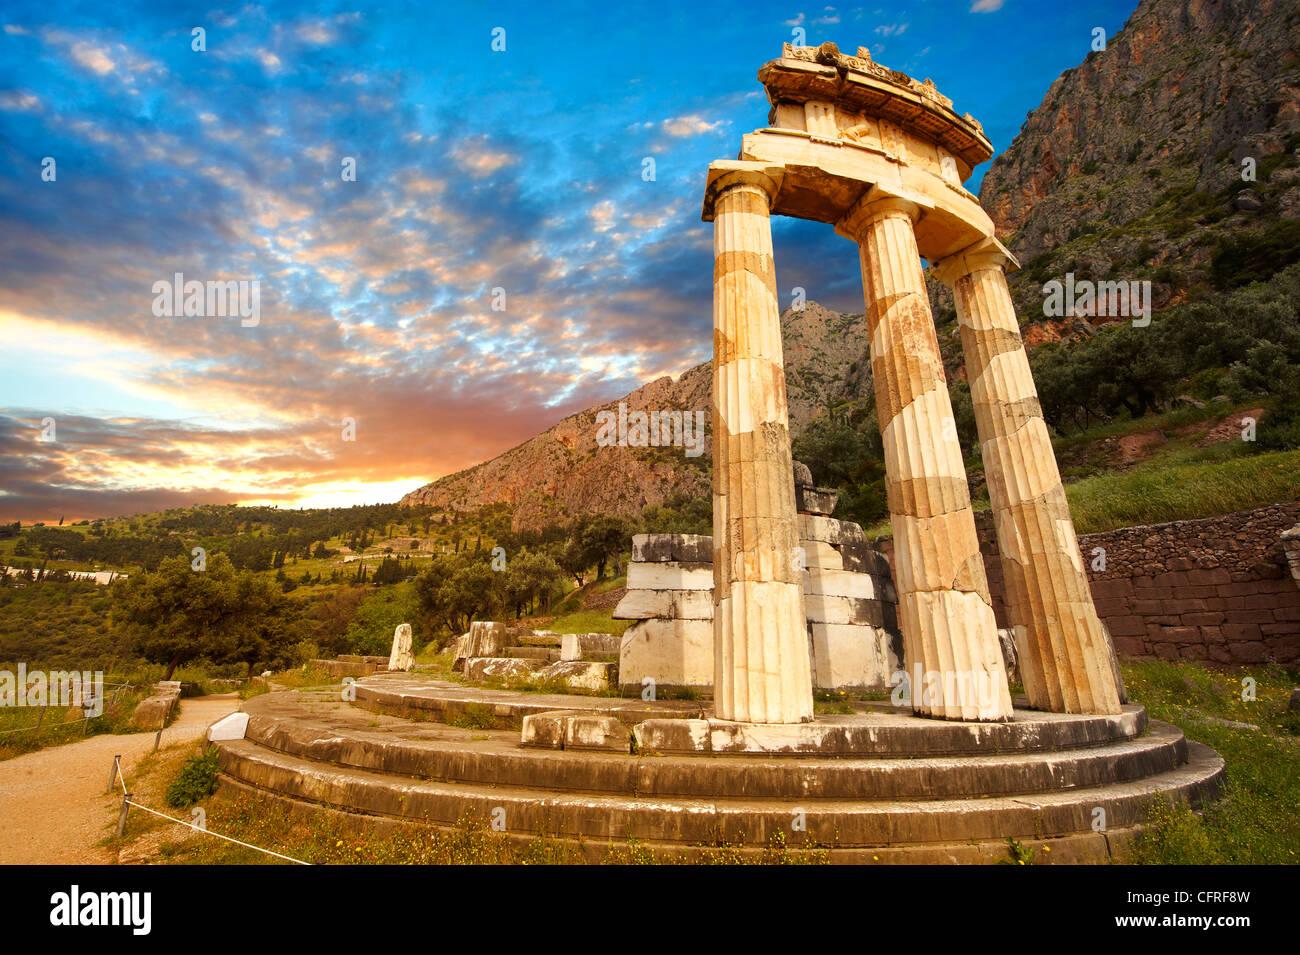 The Tholos at the sanctuary of Athena Pronaia, a circular ...